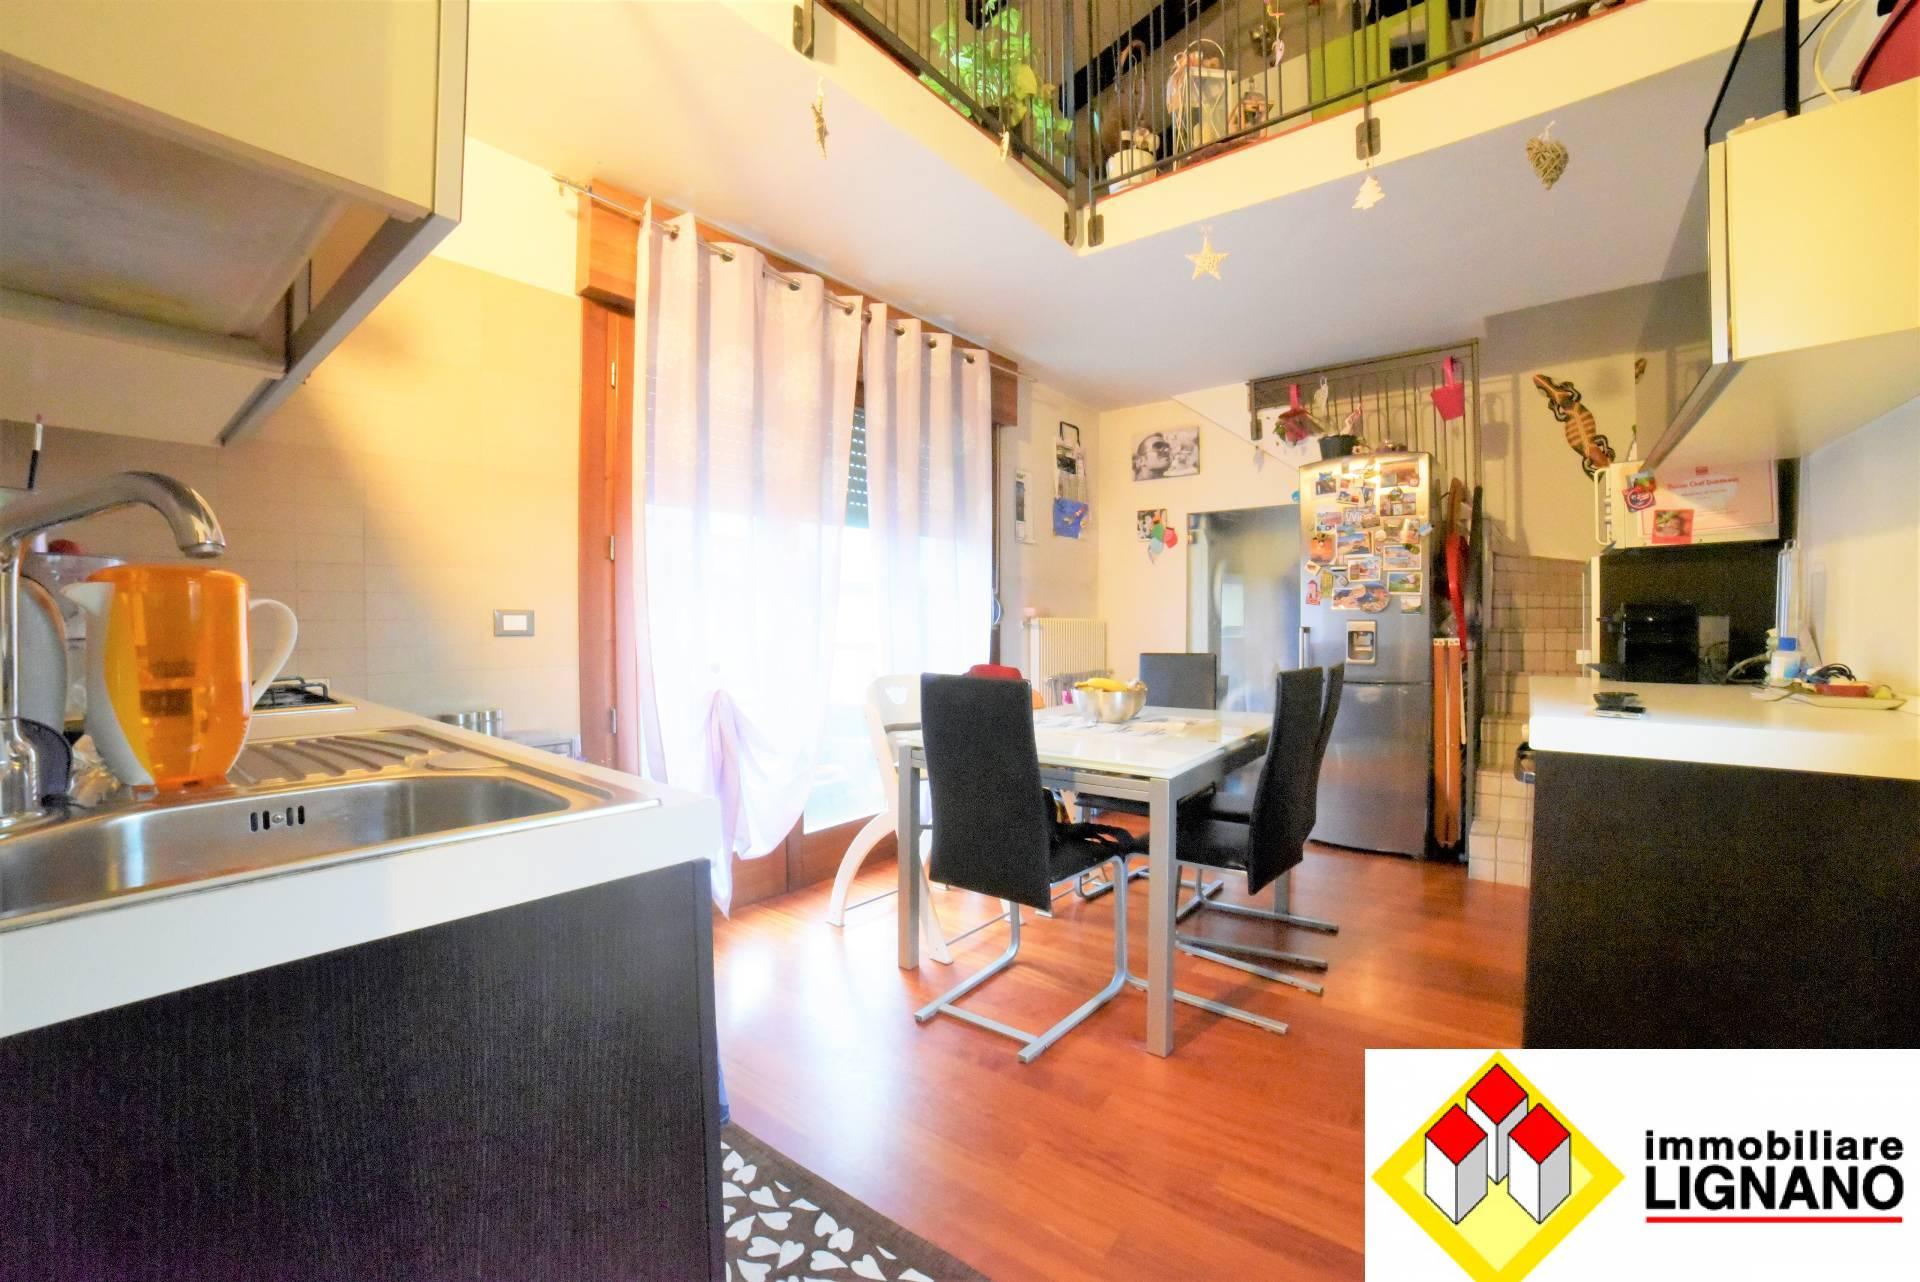 Appartamento in vendita a Latisana, 2 locali, zona Località: Semicentro, prezzo € 79.000 | PortaleAgenzieImmobiliari.it